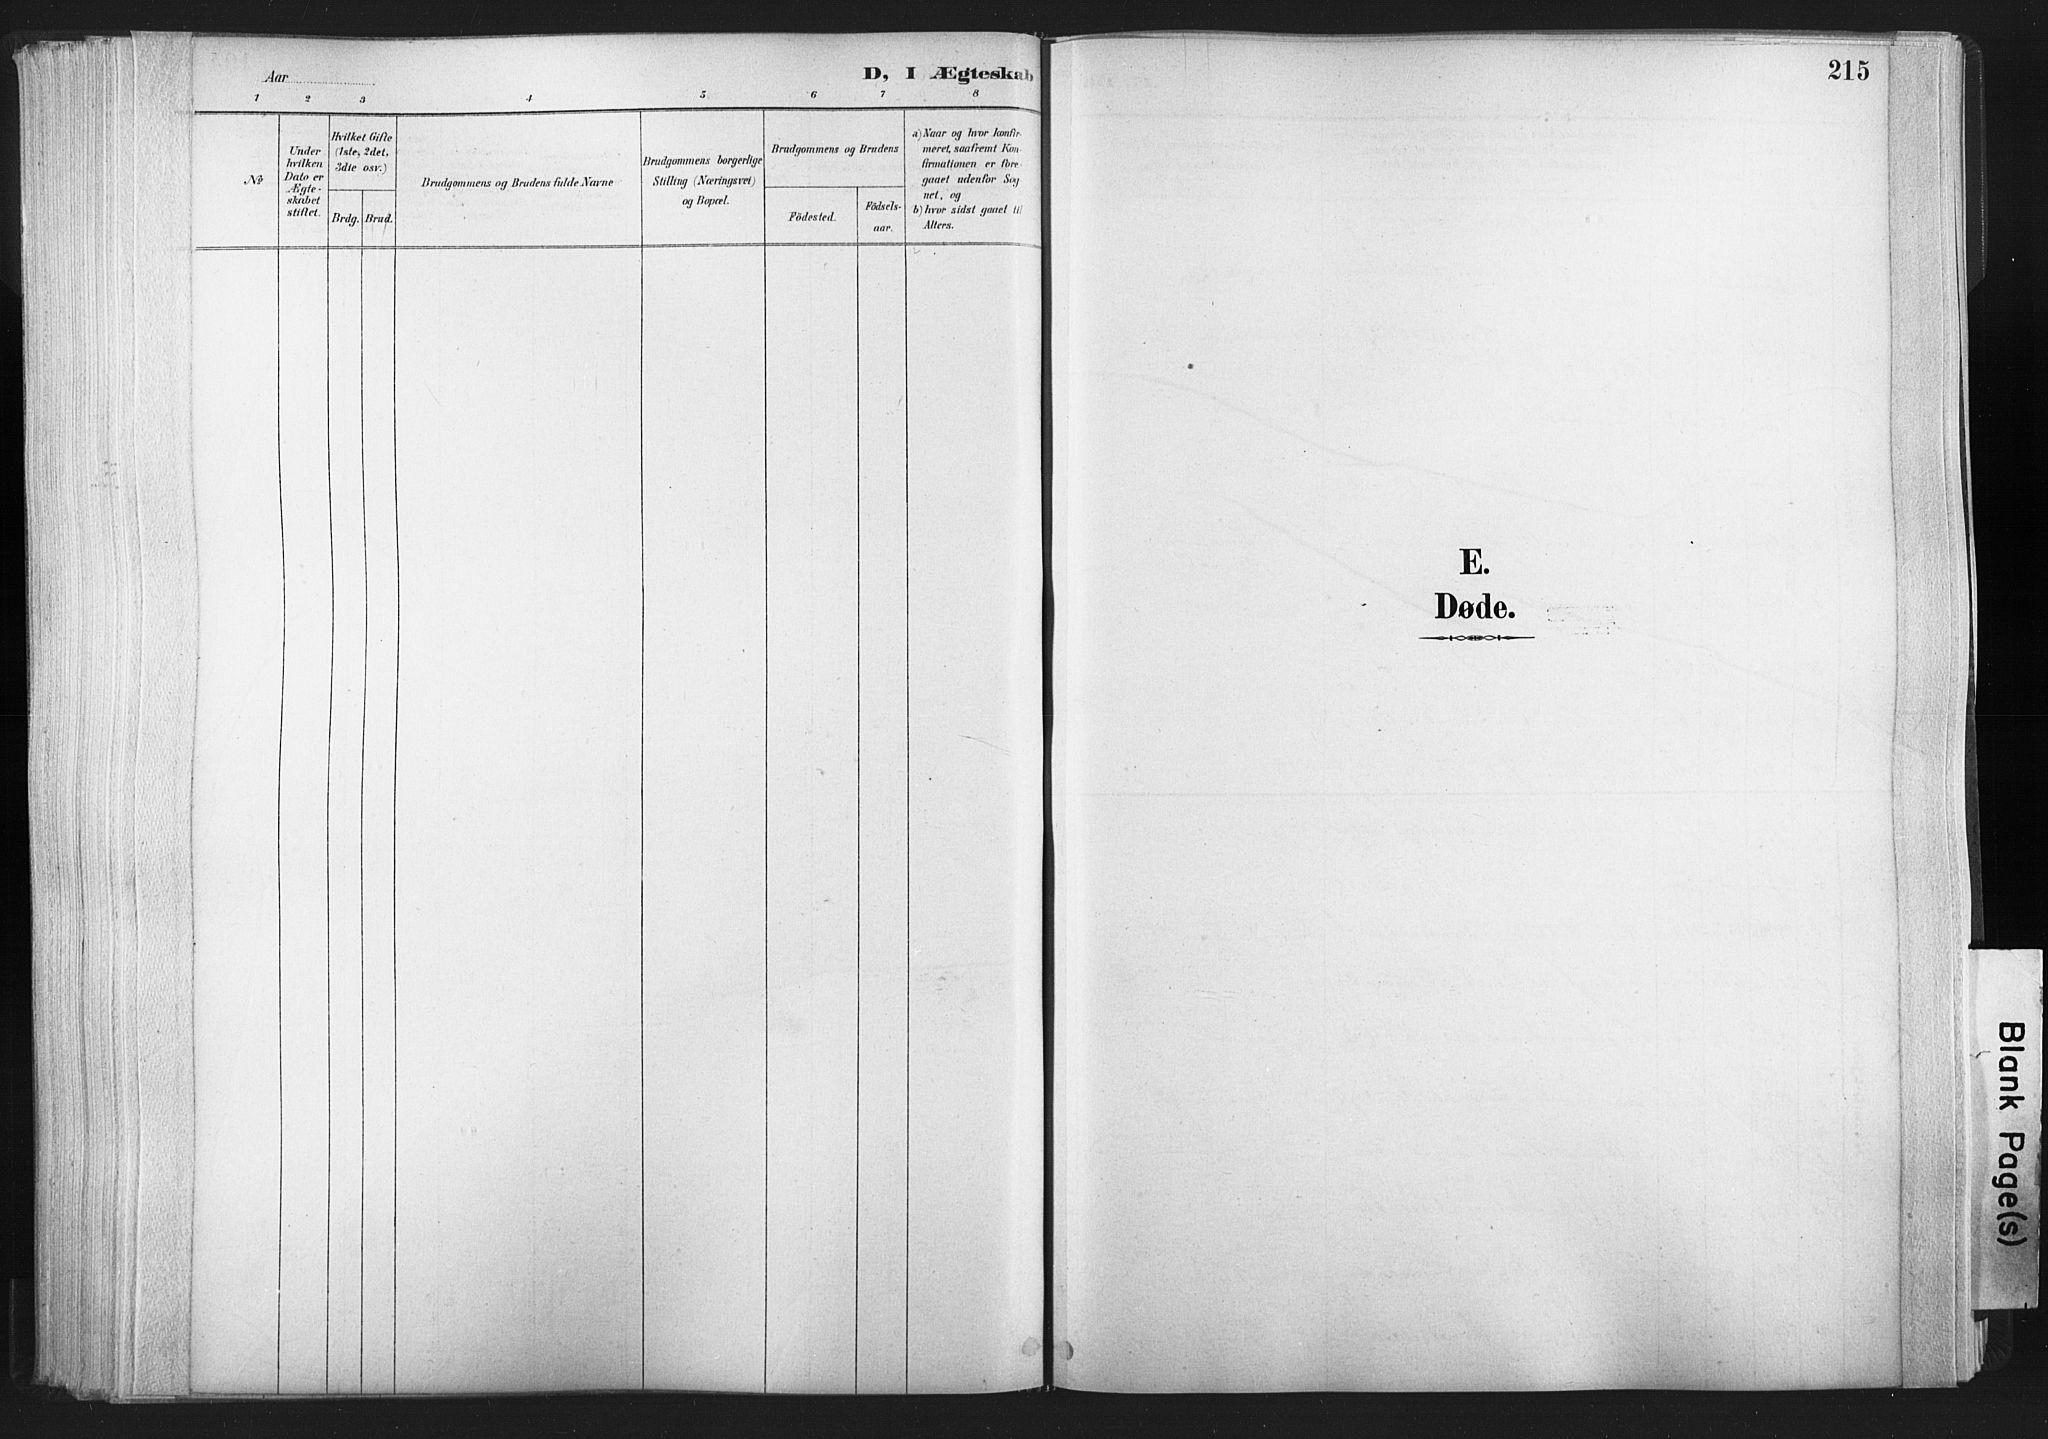 SAT, Ministerialprotokoller, klokkerbøker og fødselsregistre - Nord-Trøndelag, 749/L0474: Ministerialbok nr. 749A08, 1887-1903, s. 215